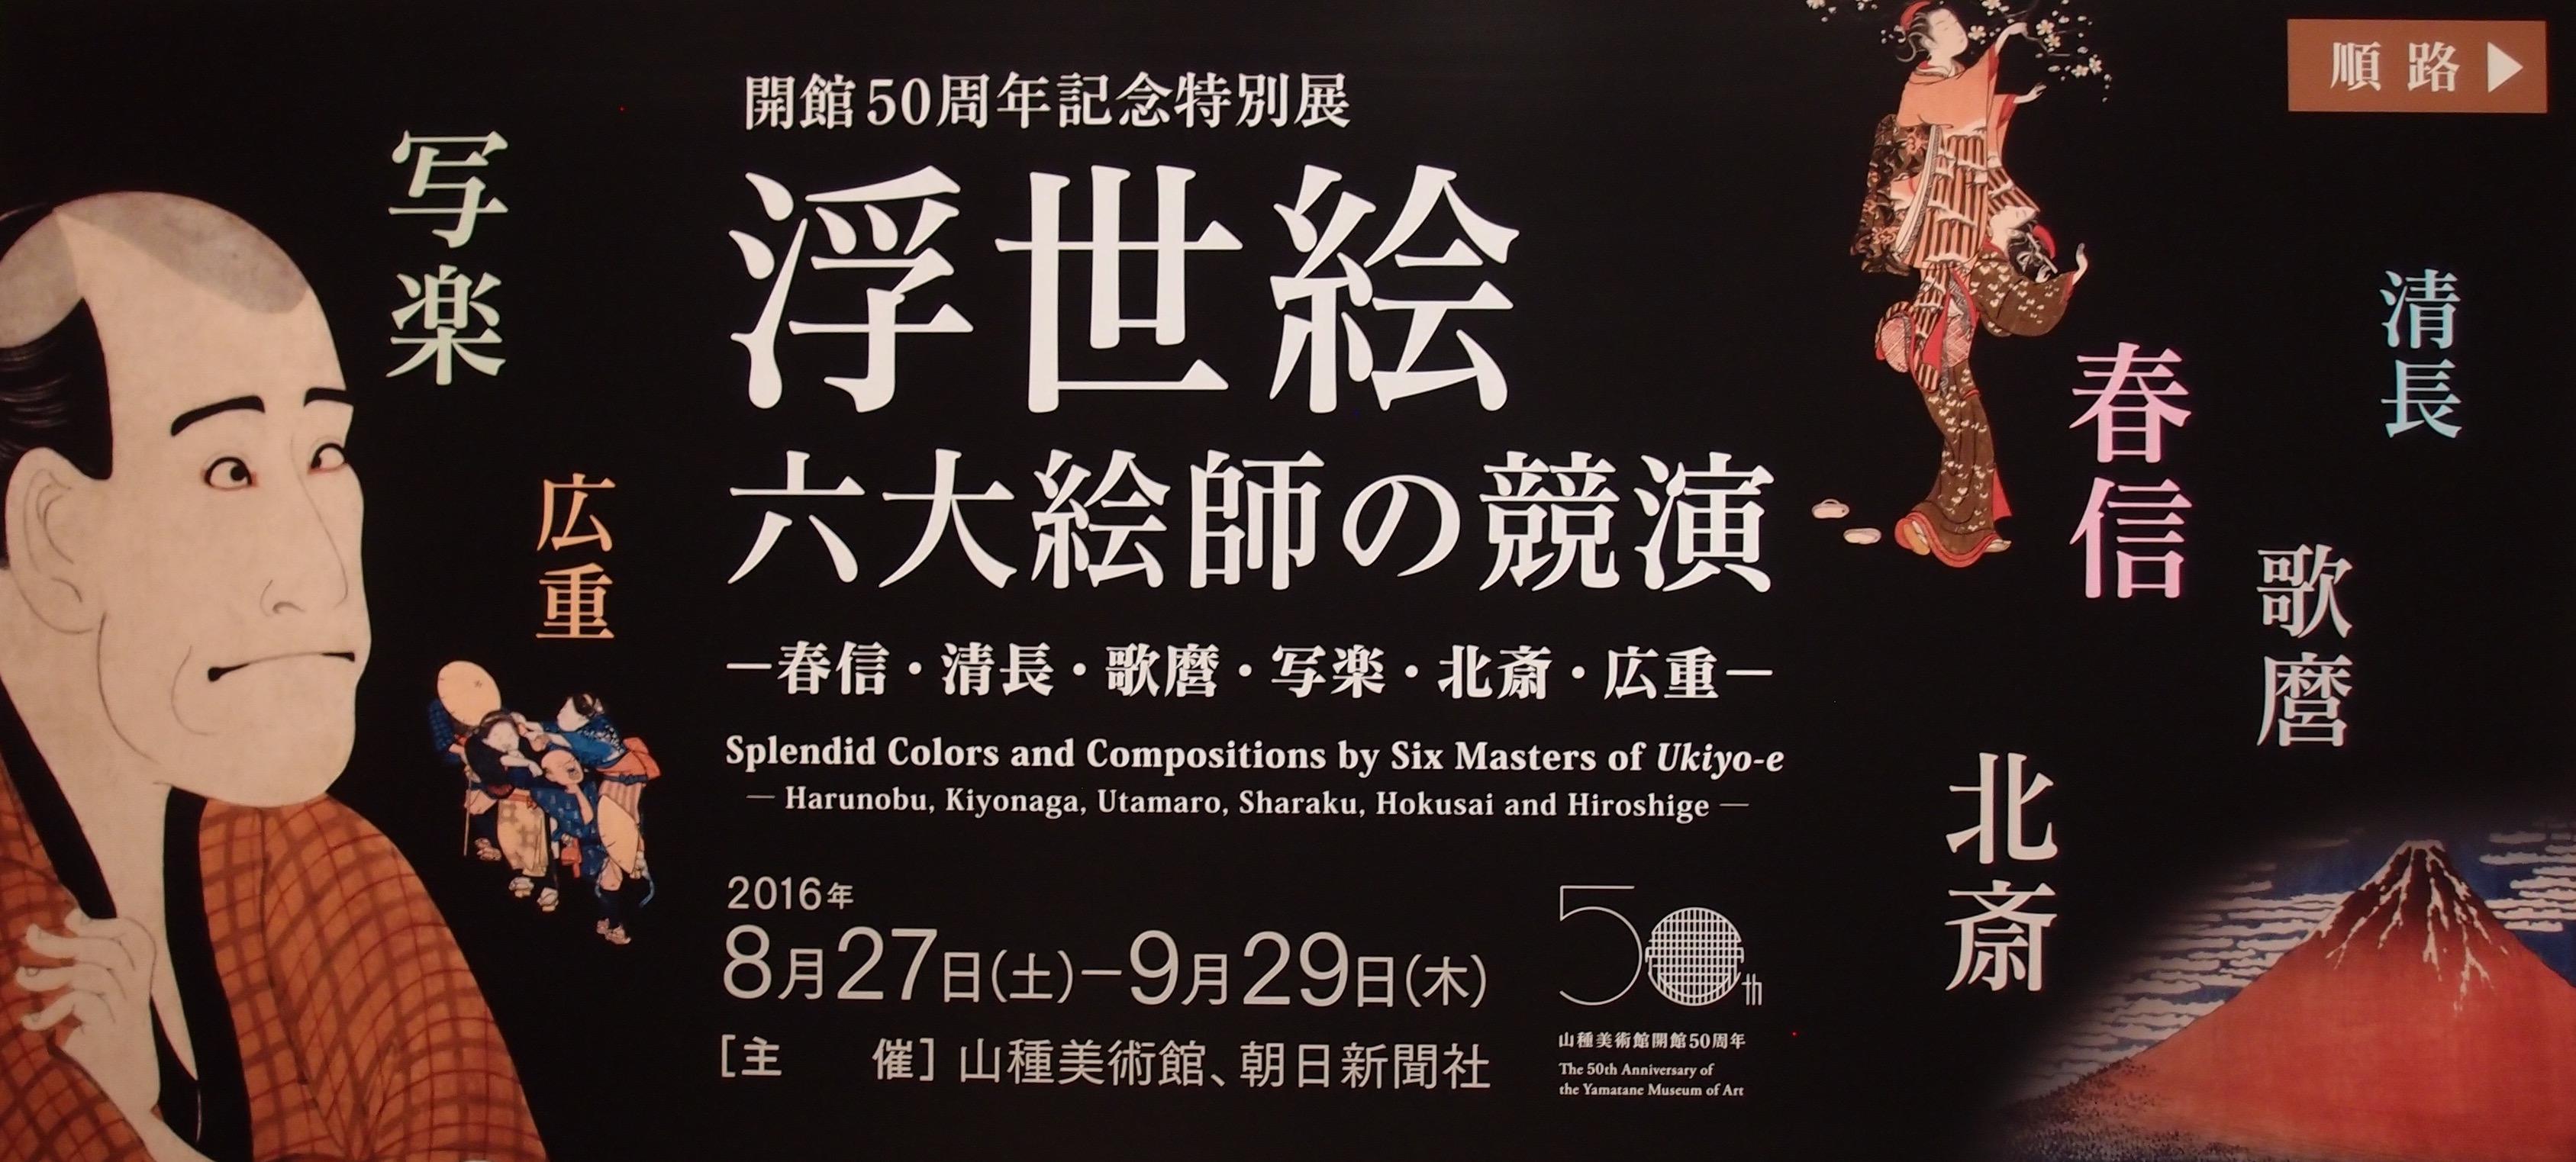 江戸時代にタイムスリップ!オールスター共演の浮世絵展覧会!